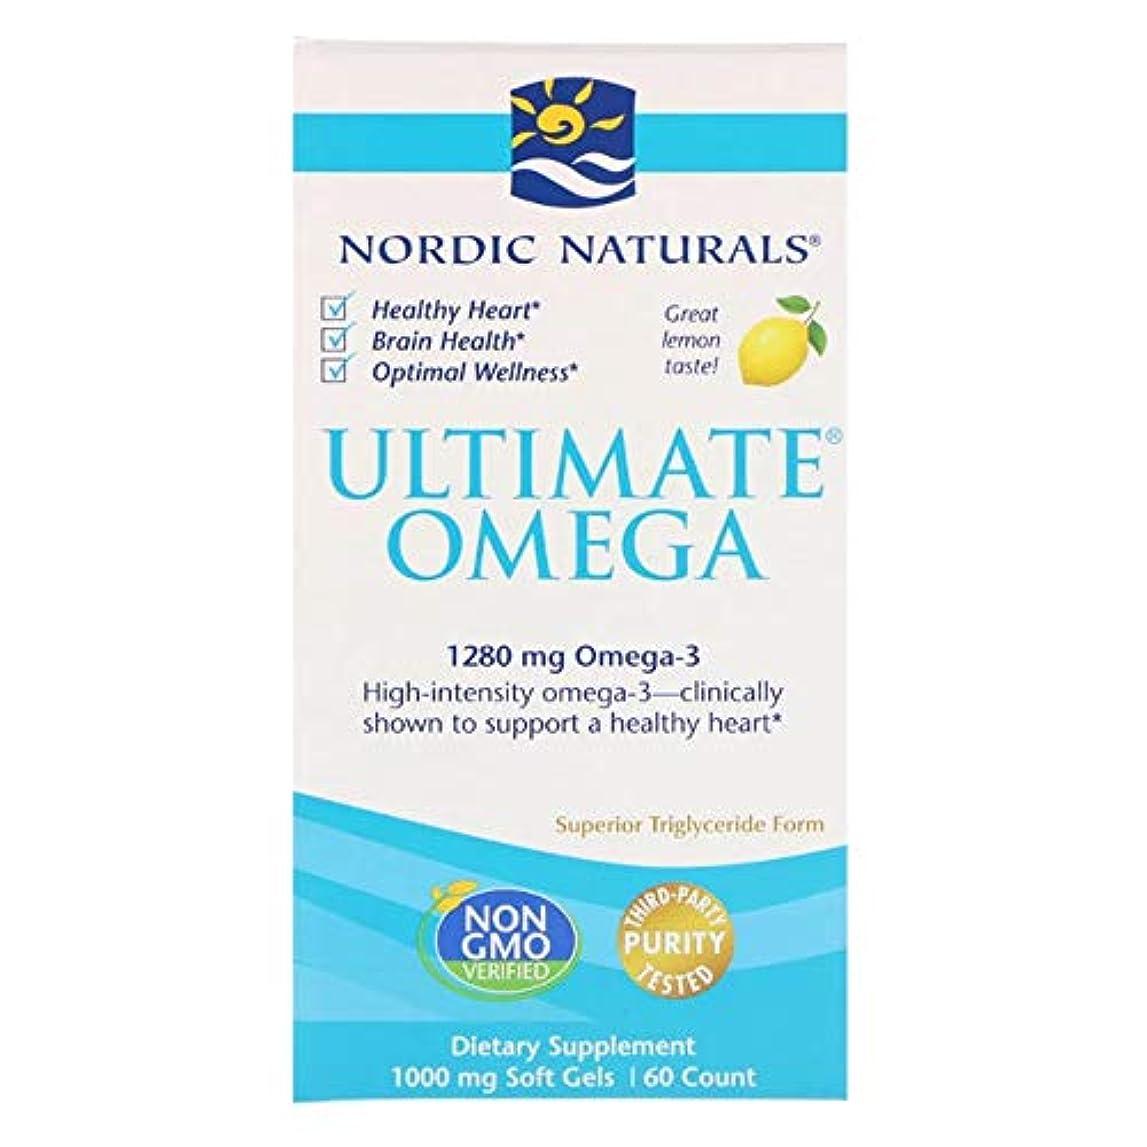 準備ができてしかしながらアライアンスNordic Naturals 究極のオメガ レモン 1280 mg 60ソフトゼリー 【アメリカ直送】